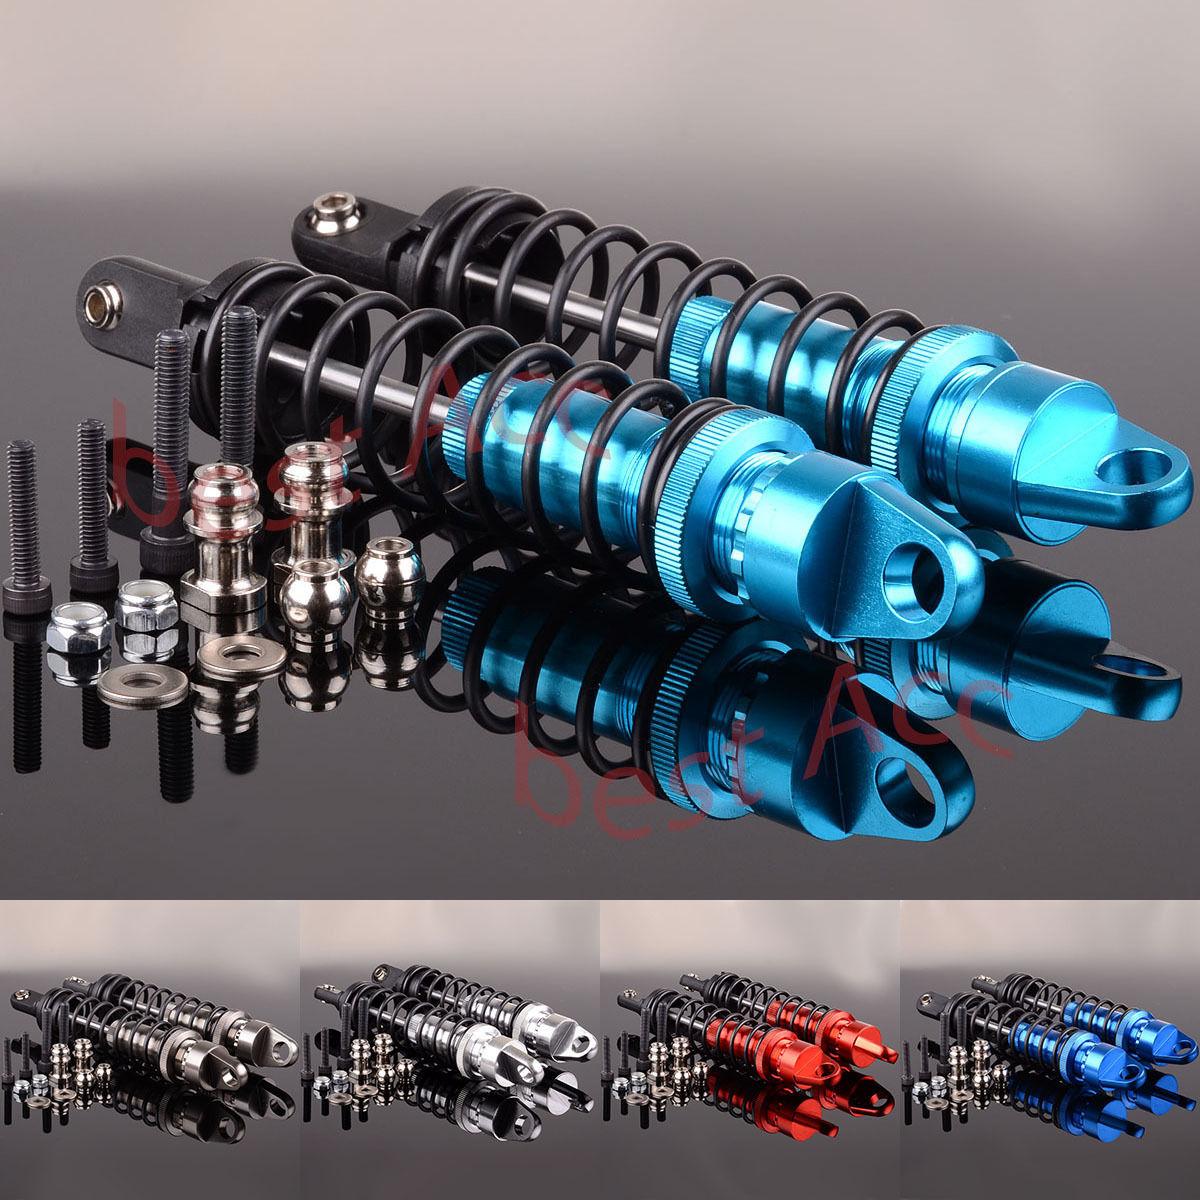 2 pièces 050019 amortisseur avant 173mm aluminium pour 1:5 RC voiture HSP Himoto Redcat